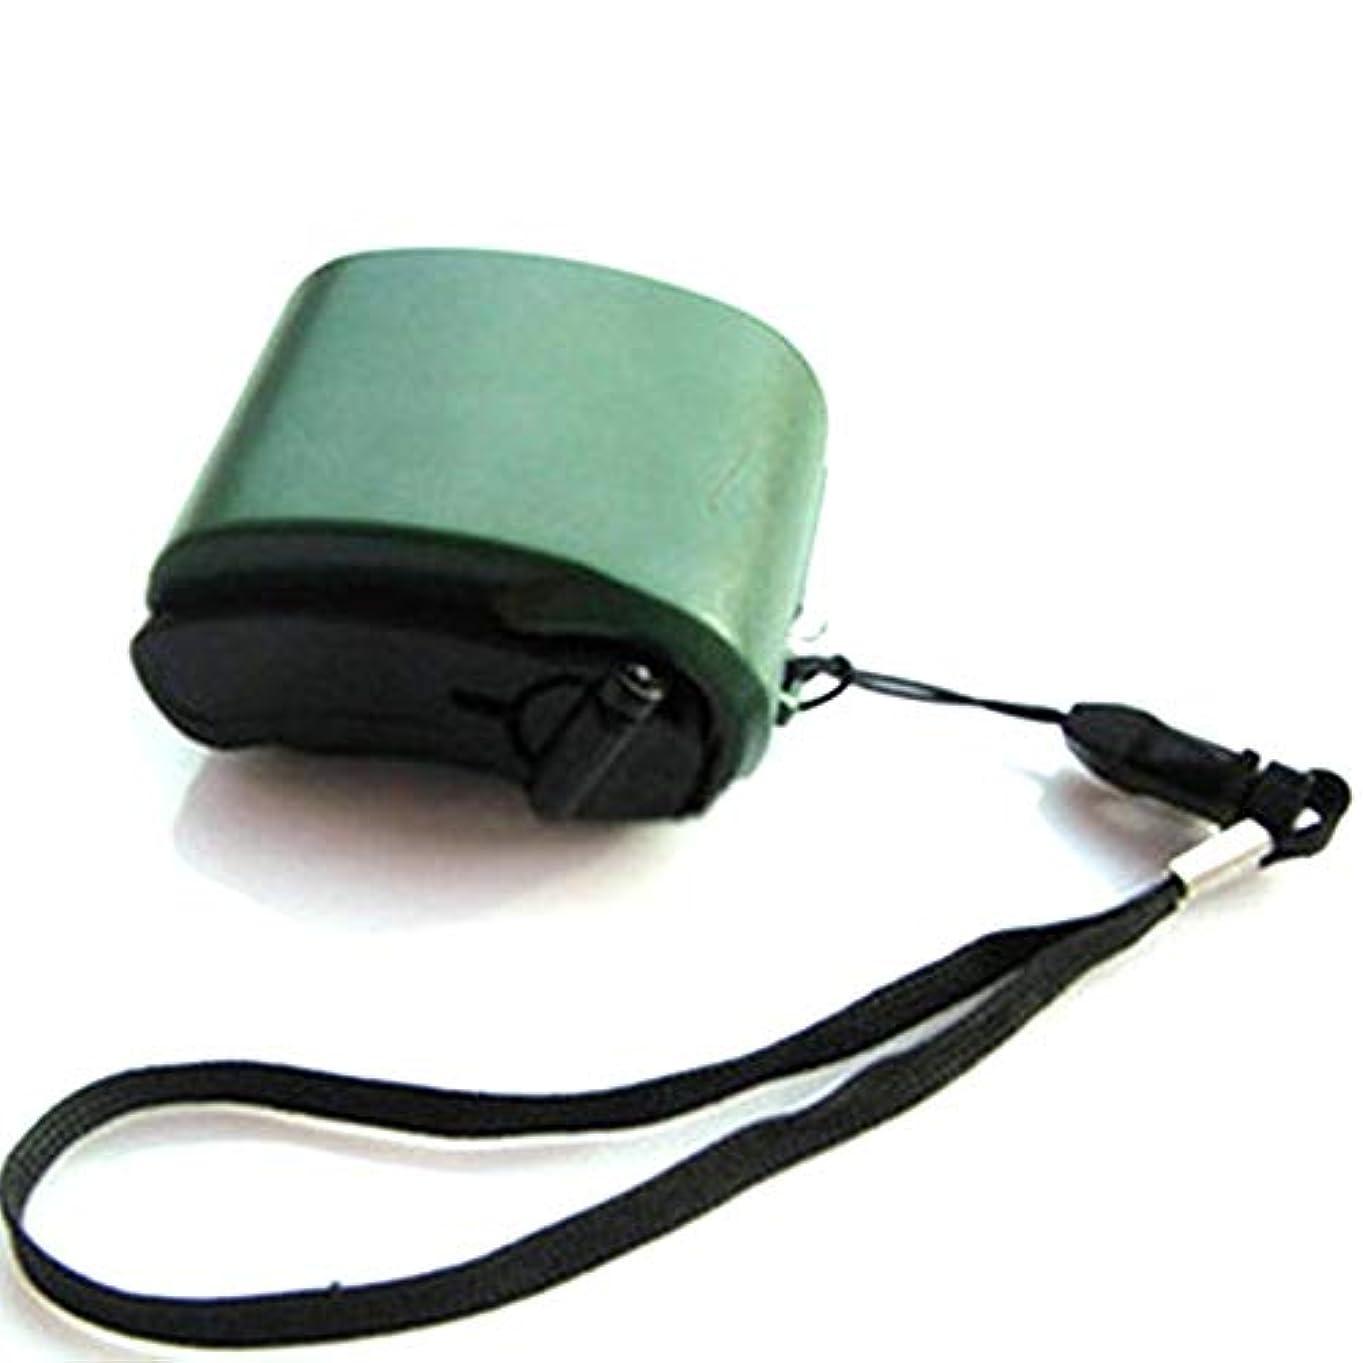 星導出レンドミニハンドクランクUSBラジオ懐中電灯携帯電話充電器ポータブル屋外旅行用緊急手動発電機充電器-グリーン